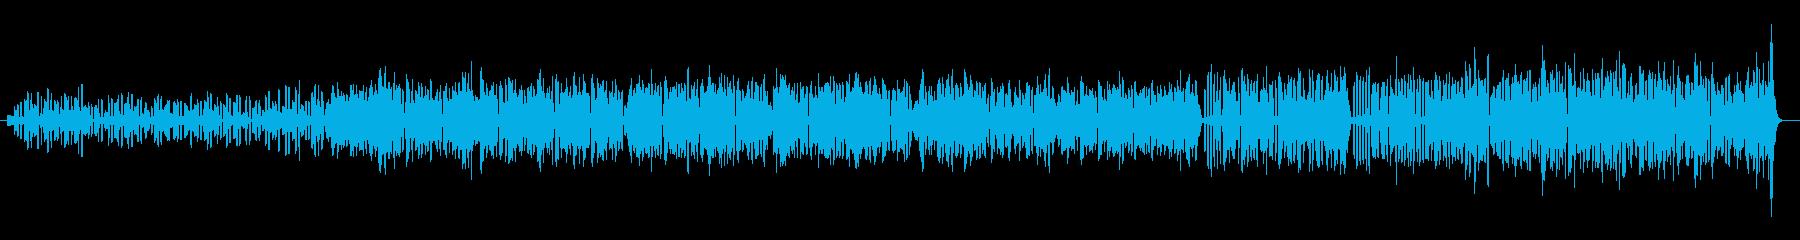 アコーディオンのワルツの再生済みの波形